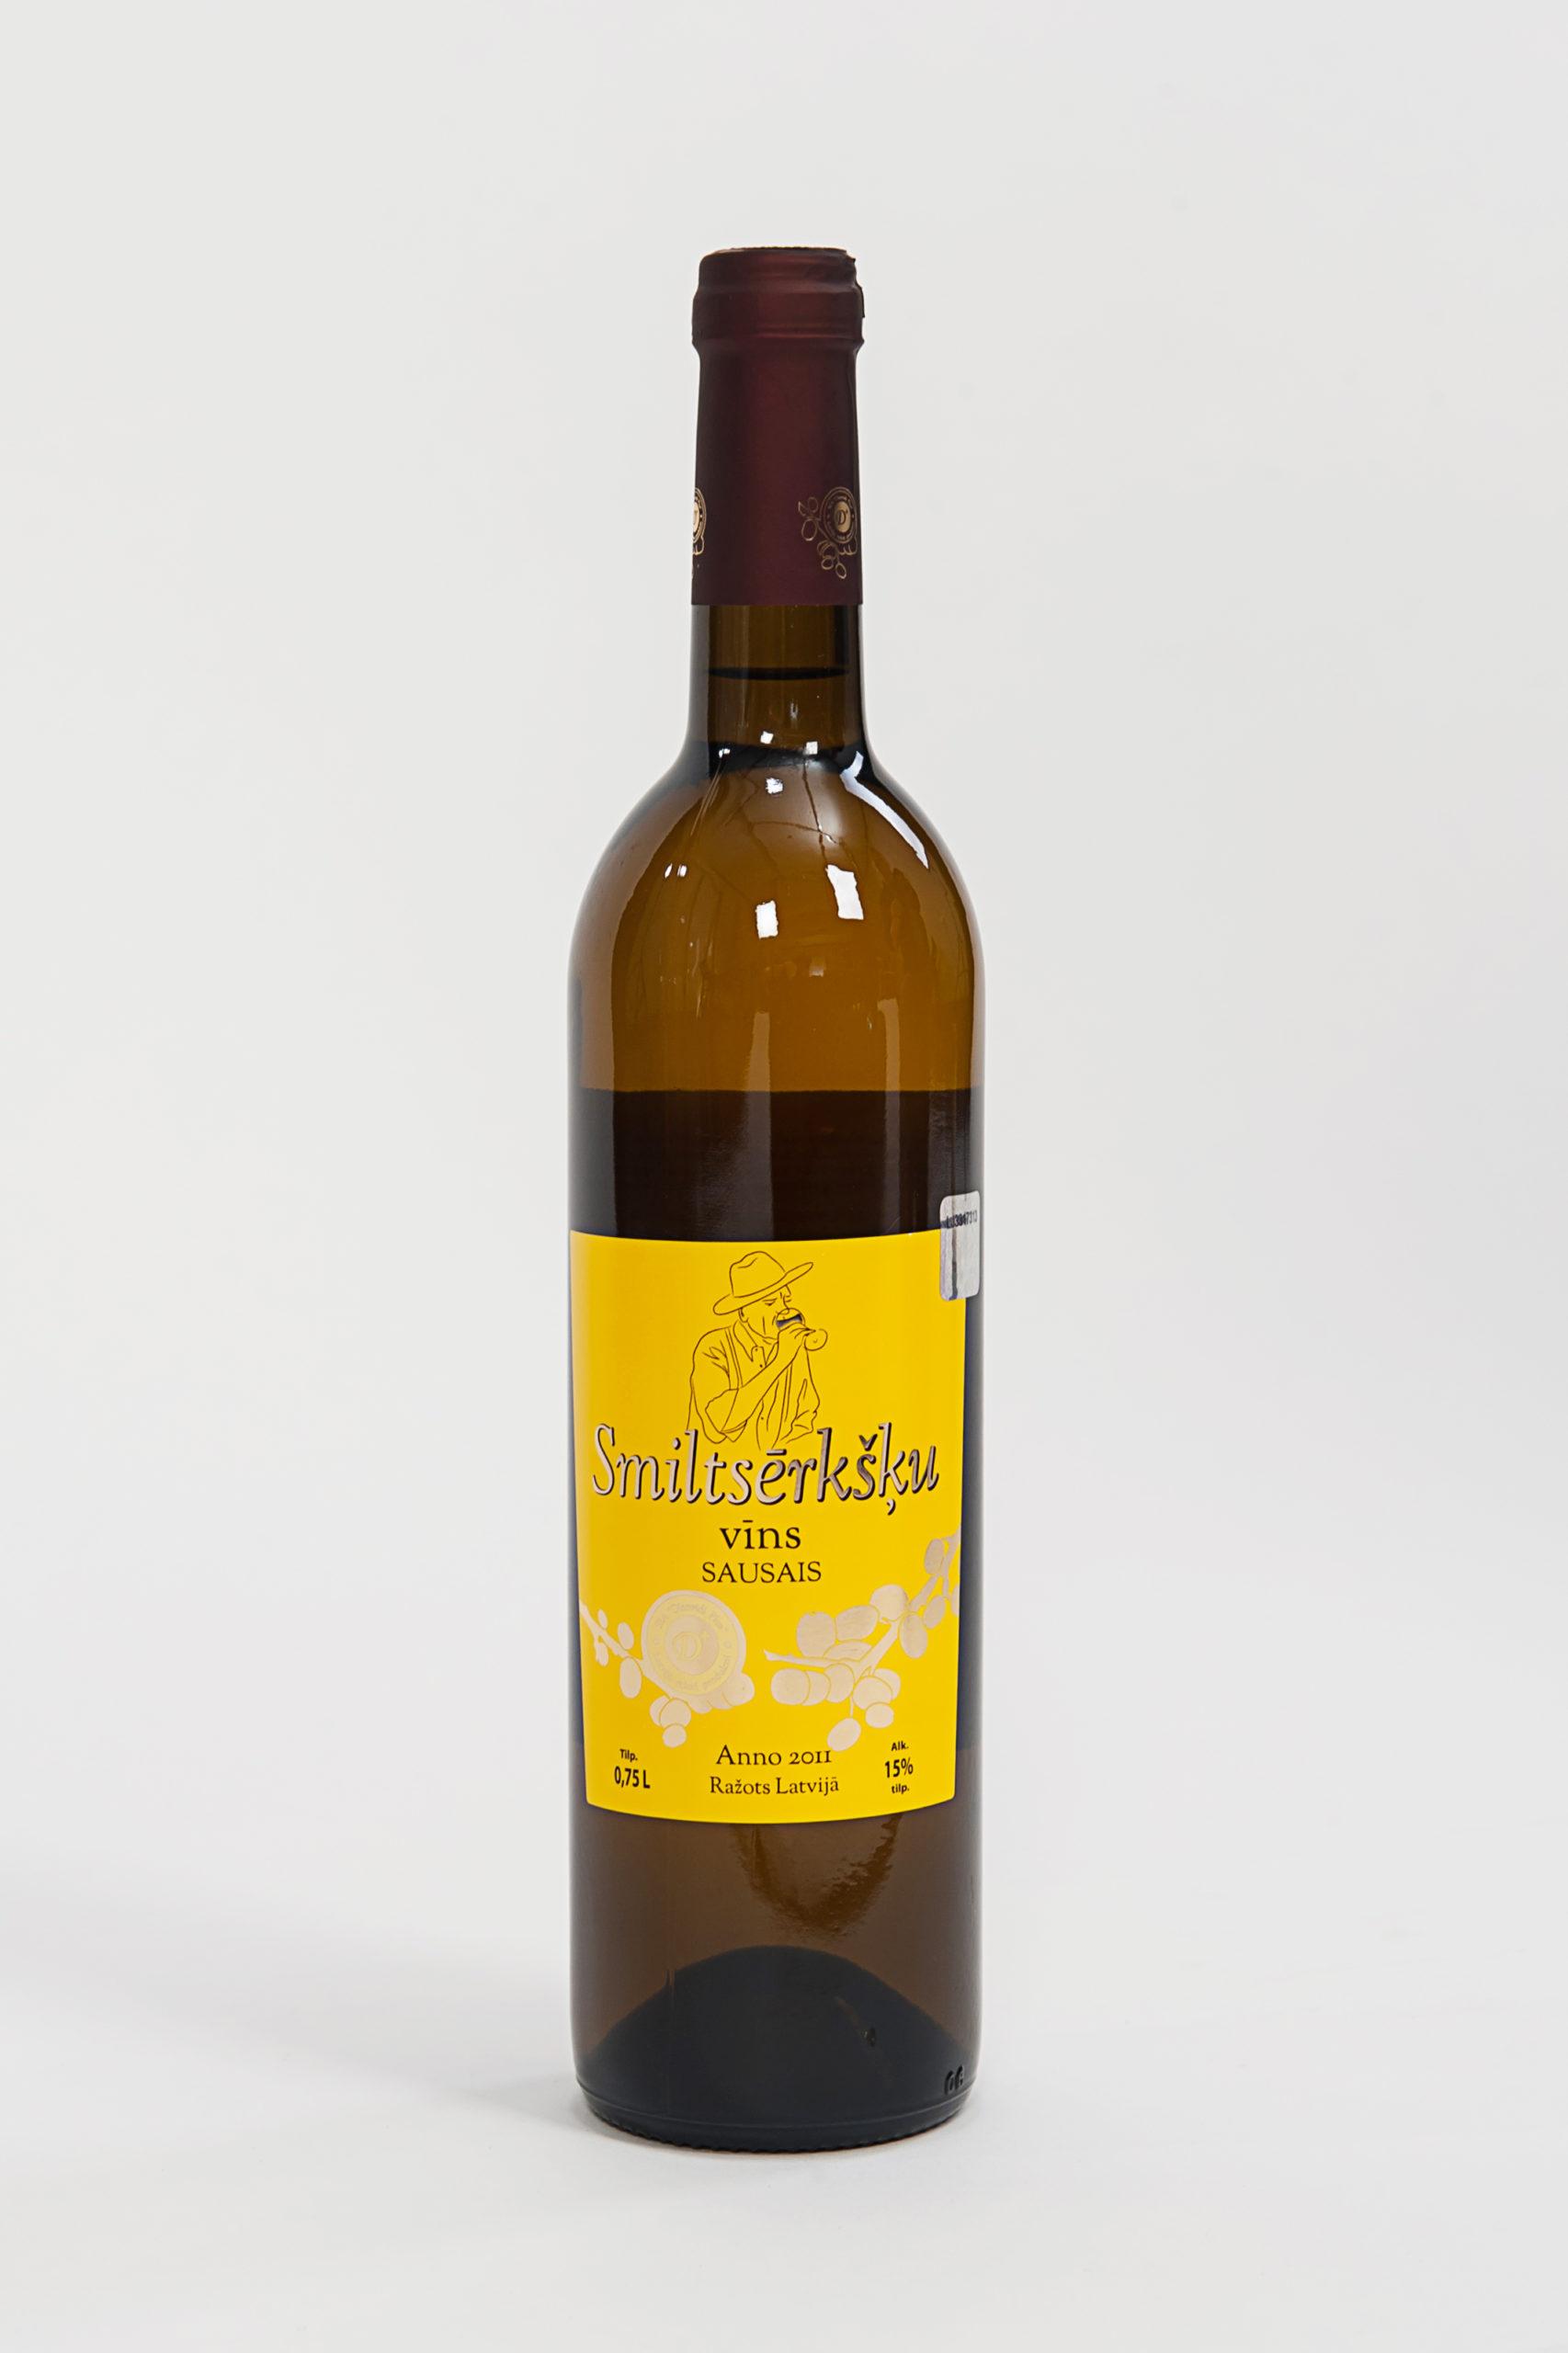 smiltsērkšķu vīns sausais